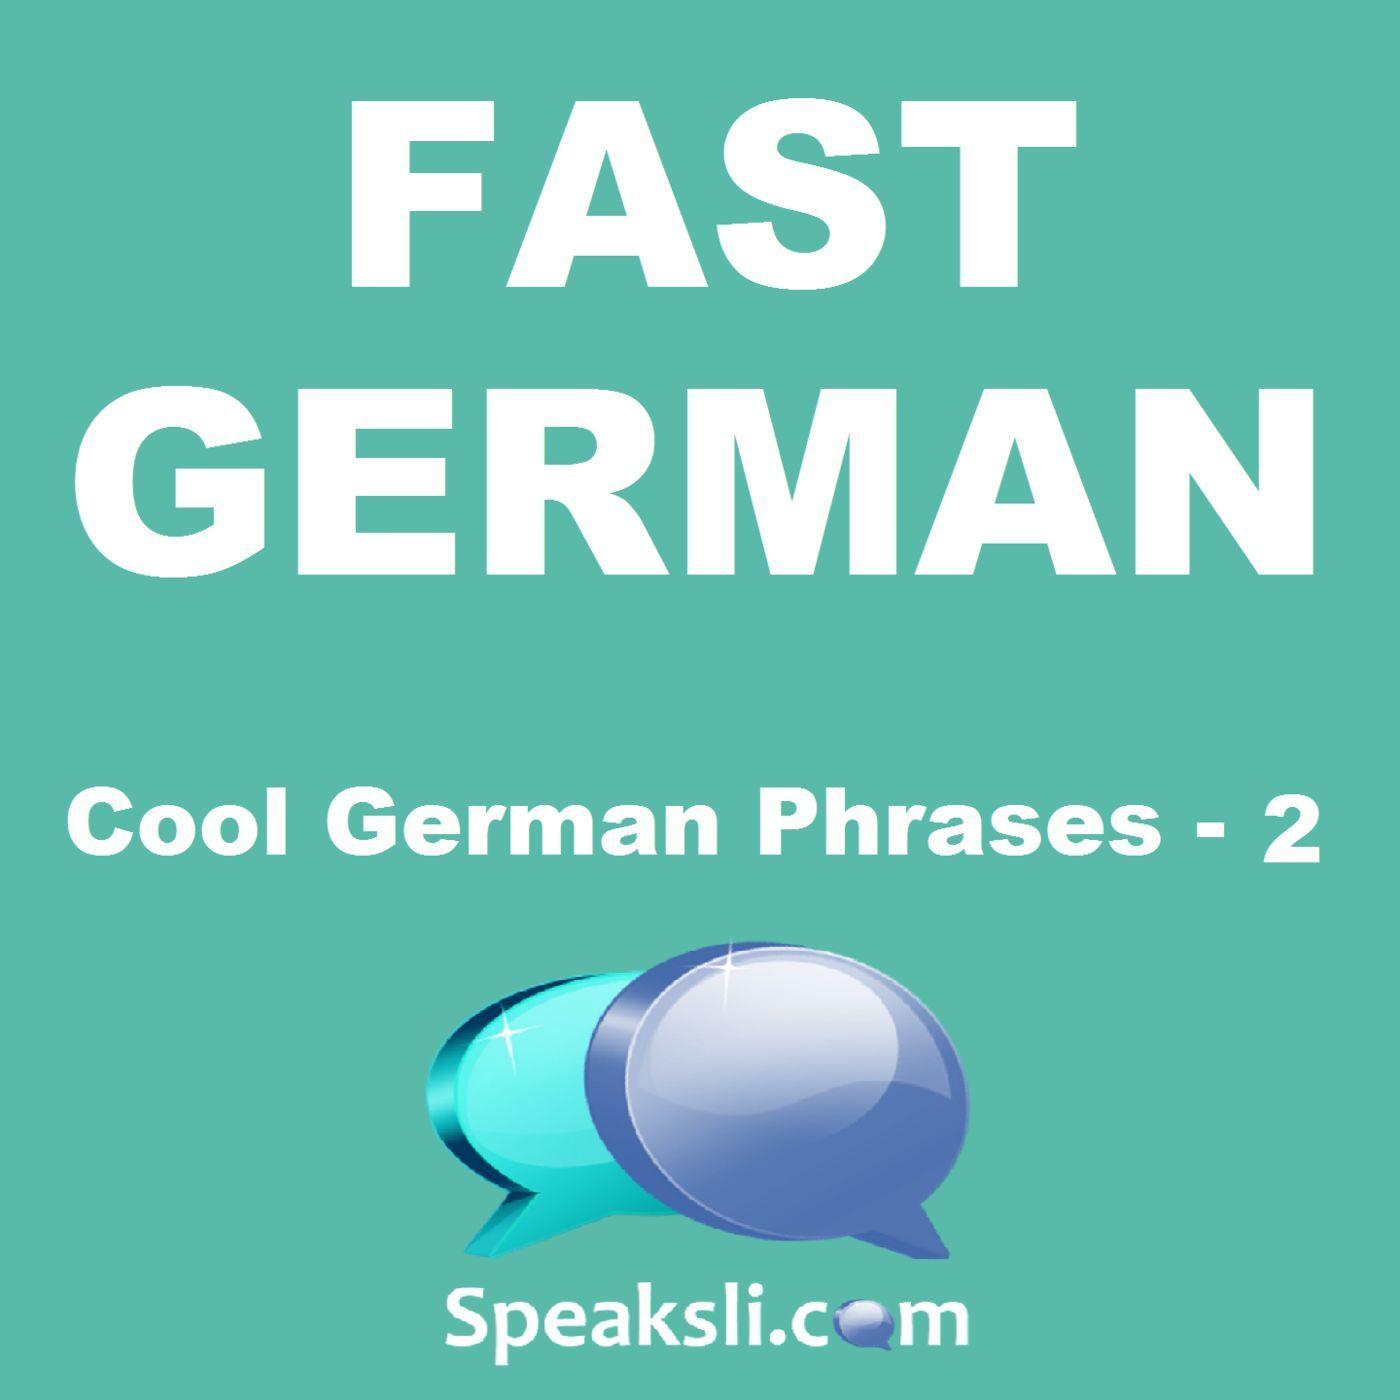 Ep. 34: Cool German Phrases - 2   Fast German   Speaksli